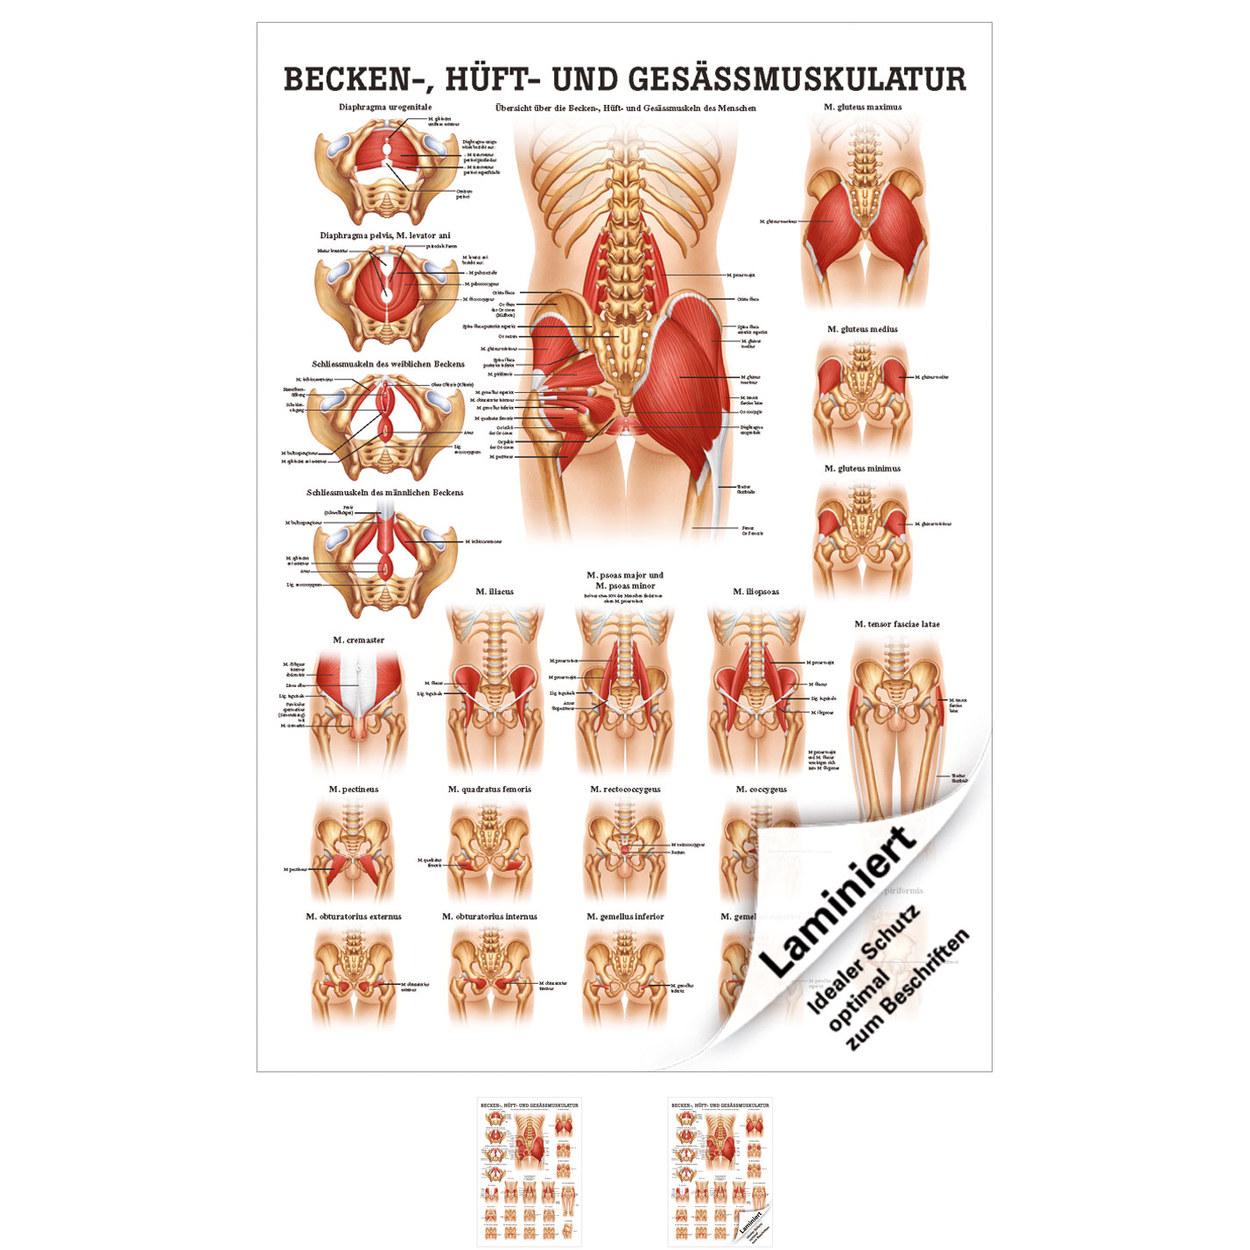 Schön Hüftmuskel Diagramm Galerie - Menschliche Anatomie Bilder ...